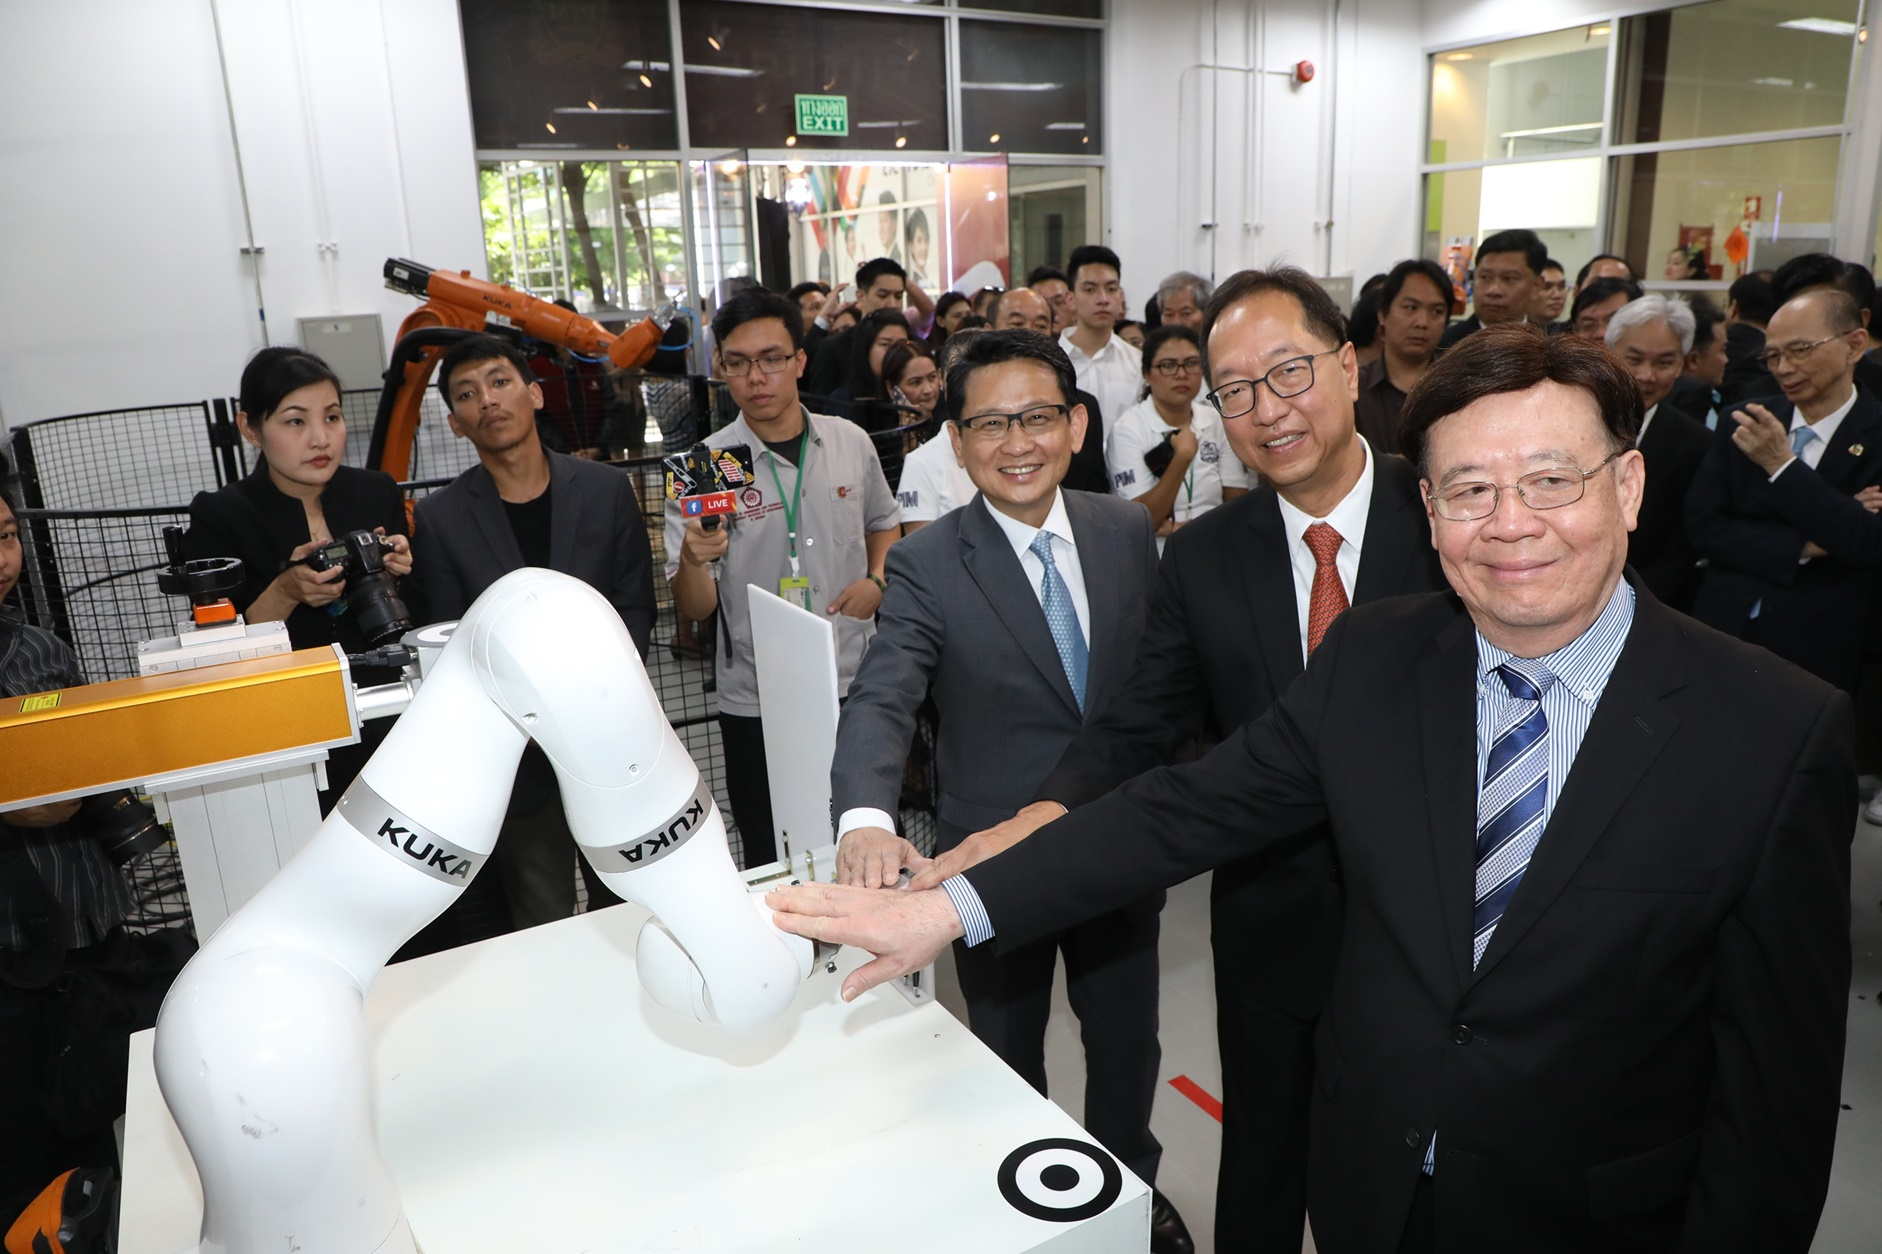 พีไอเอ็ม ทุ่ม 50 ล้าน เปิดศูนย์นวัตกรรมหุ่นยนต์ฯ